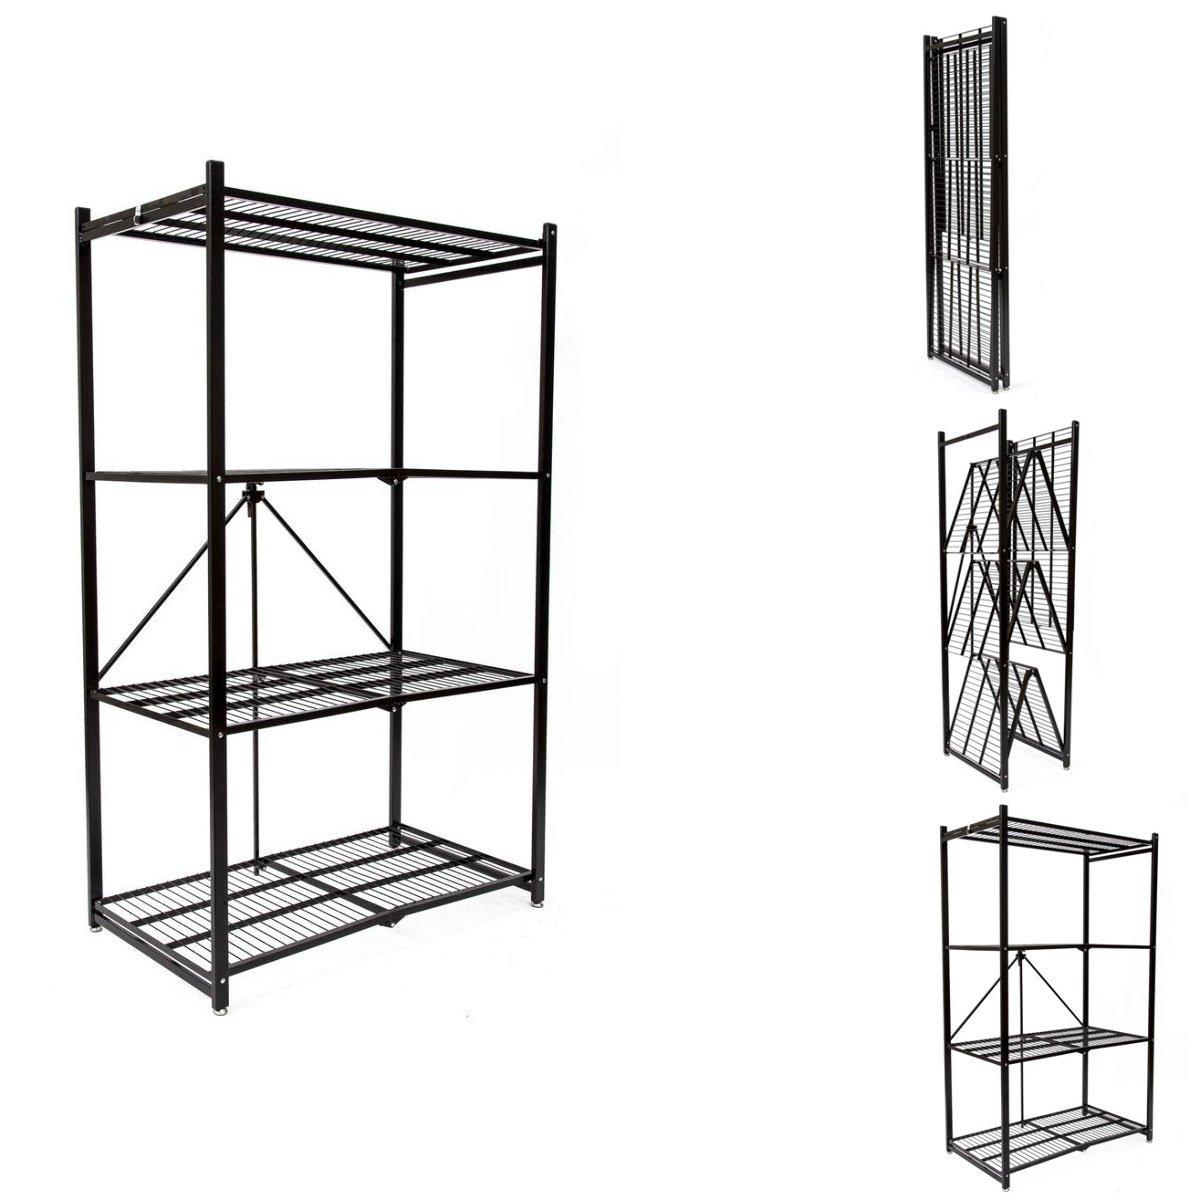 Buy origami r1407 storage rack 4 tier storage shelf black in origami r1407 storage rack 4 tier storage shelf black jeuxipadfo Images